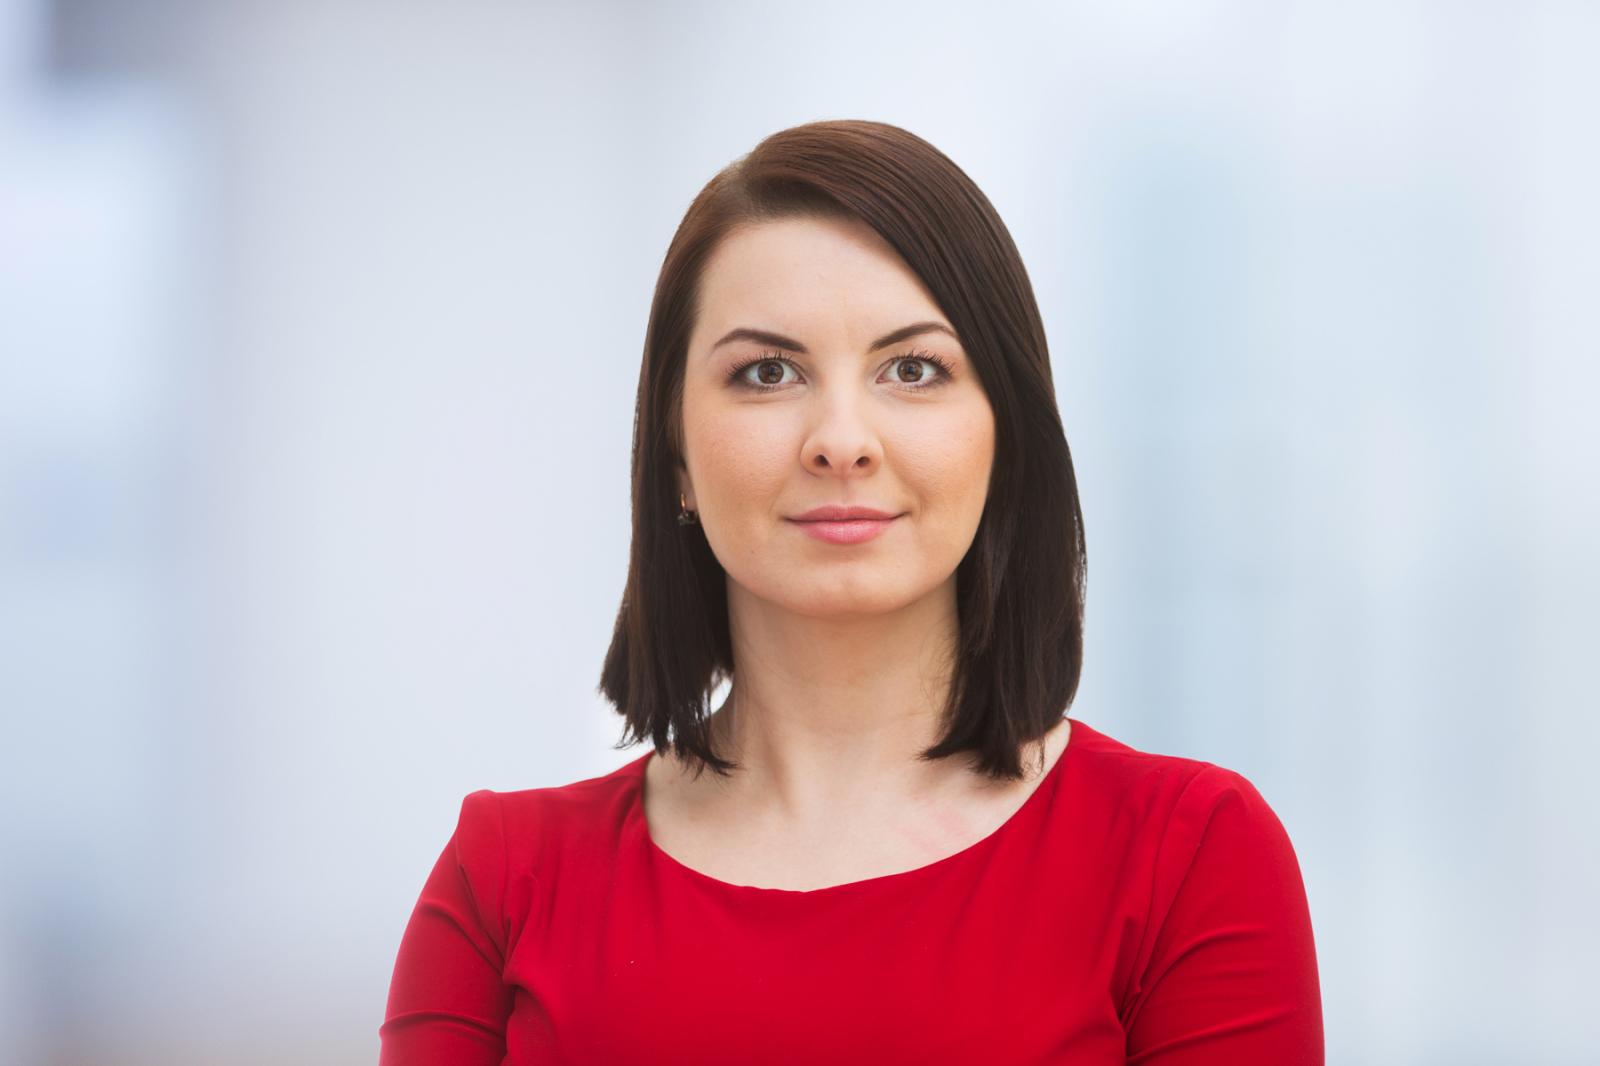 Valeria Kiisk, Redgate Capital